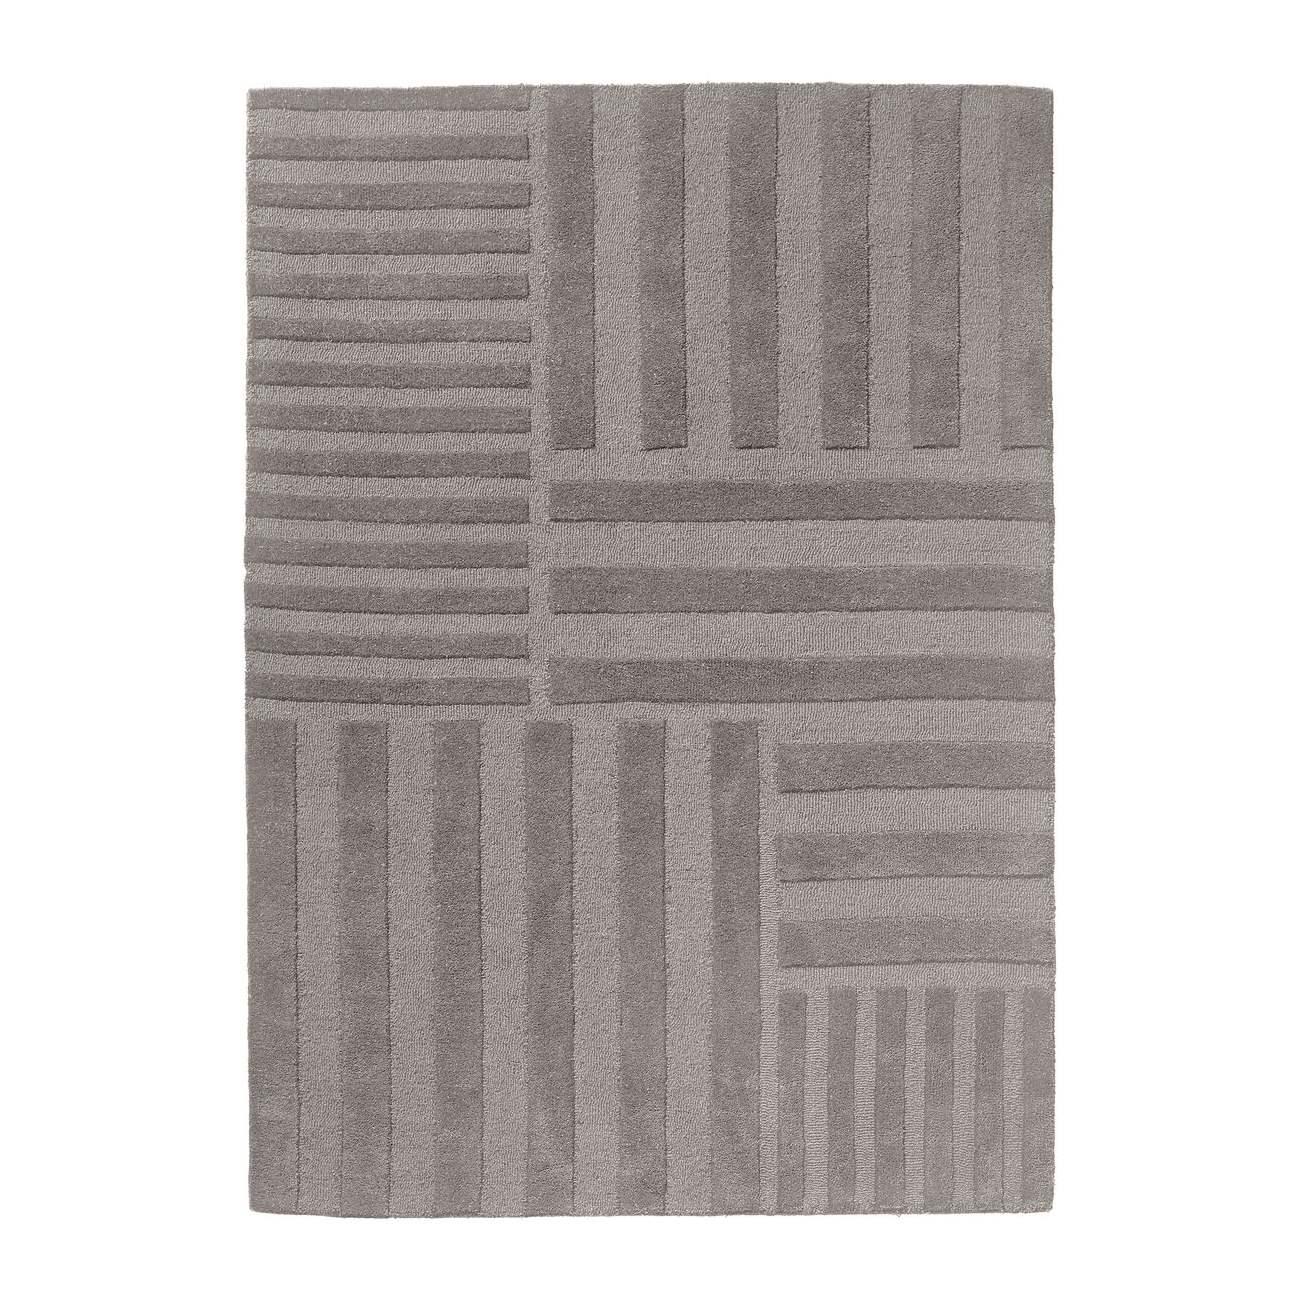 Ullmatta CONTRA 170 x 240 cm grå, AYTM